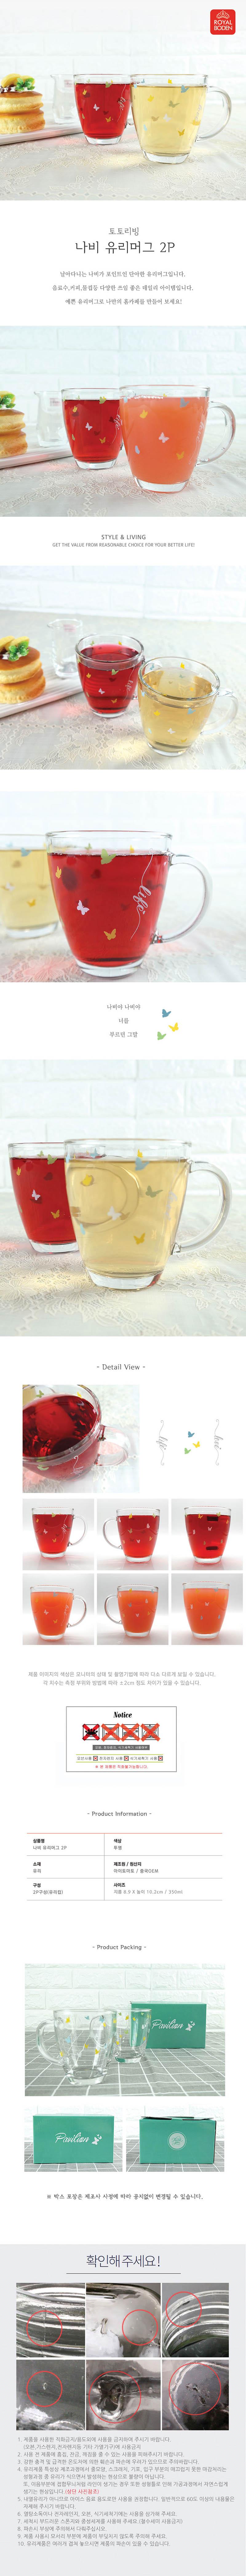 tomato04-d.jpg